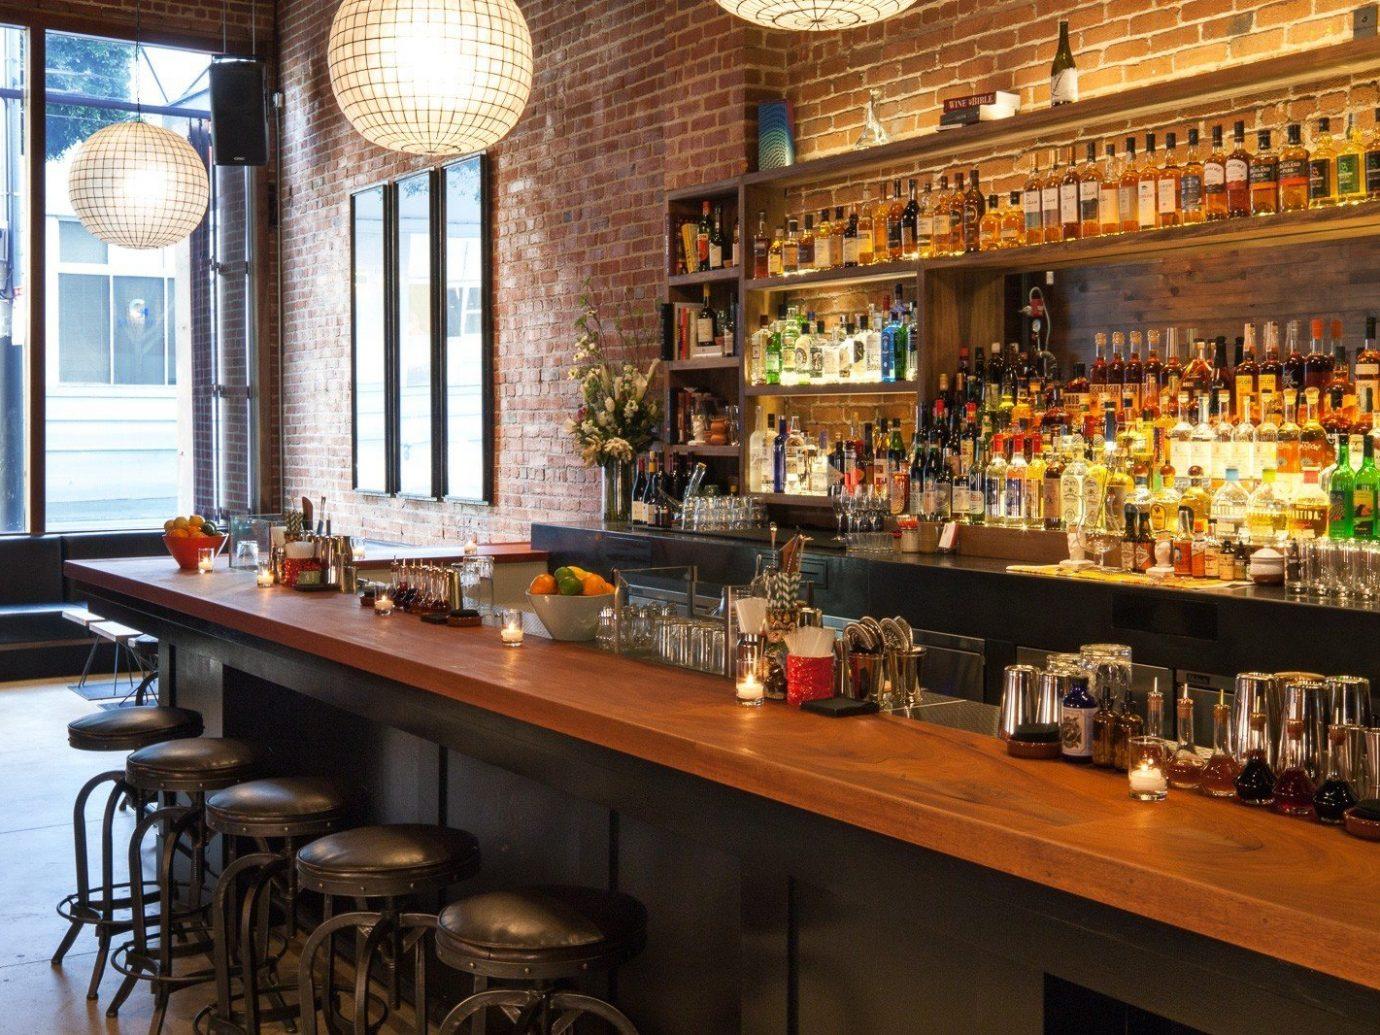 Trip Ideas indoor window Bar counter estate restaurant Island